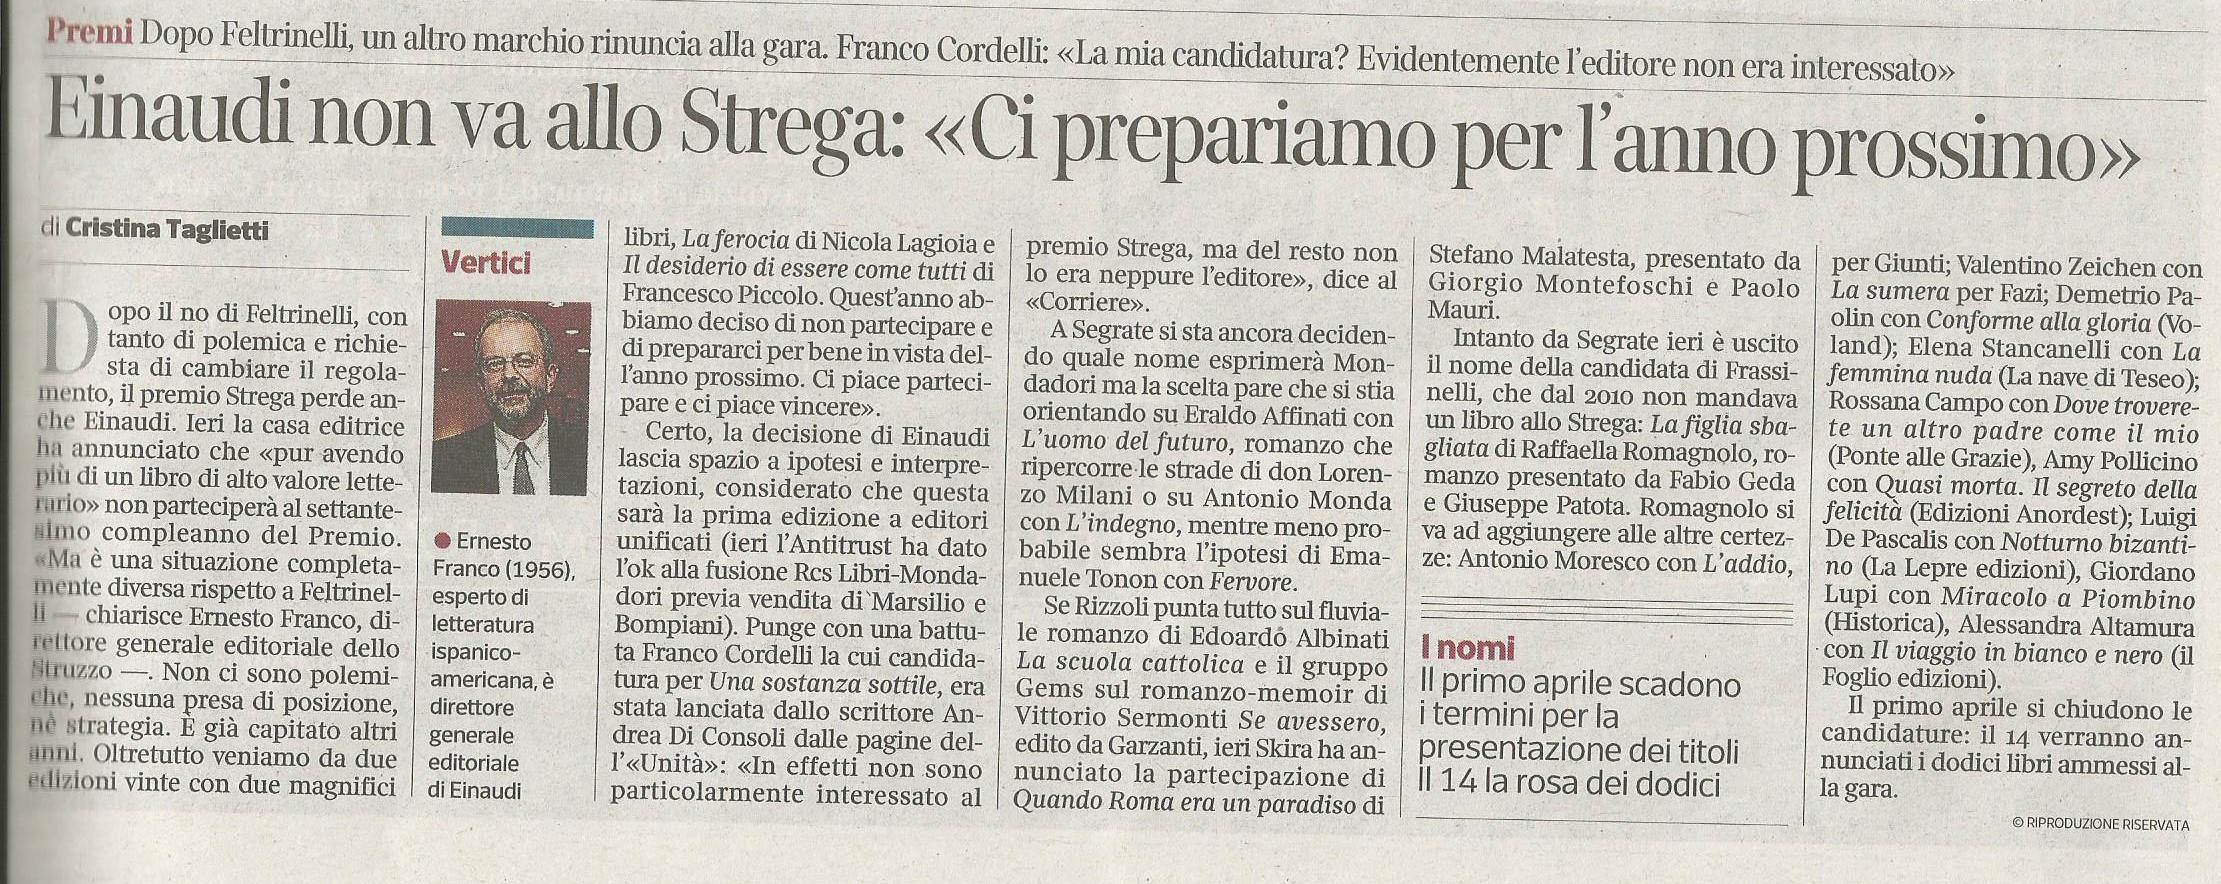 Corriere della Sera 24 marzo 2016